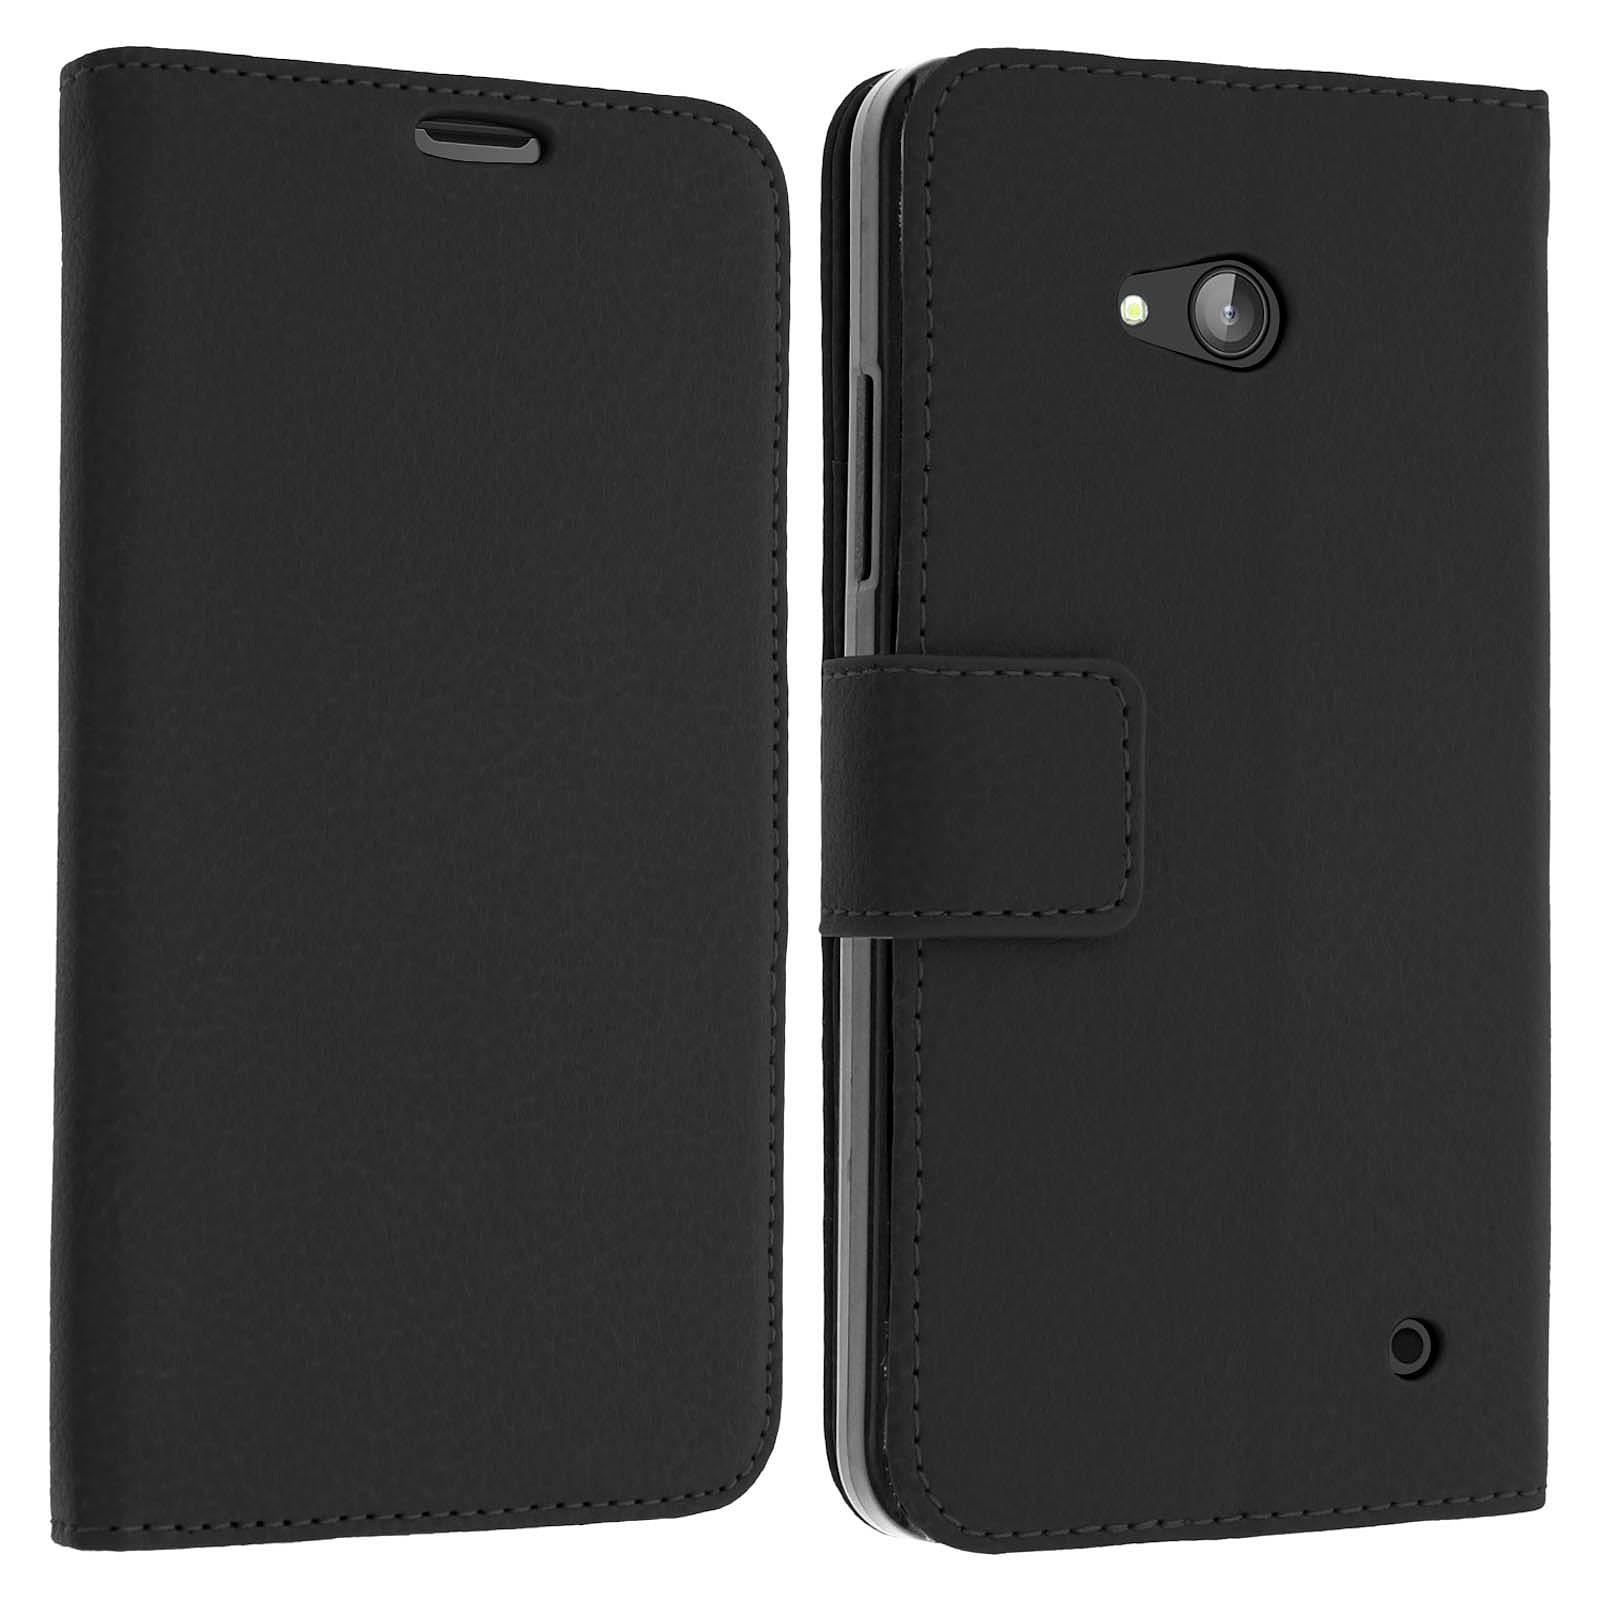 Avizar Etui folio Noir pour Nokia Lumia 640 , Microsoft Lumia 640